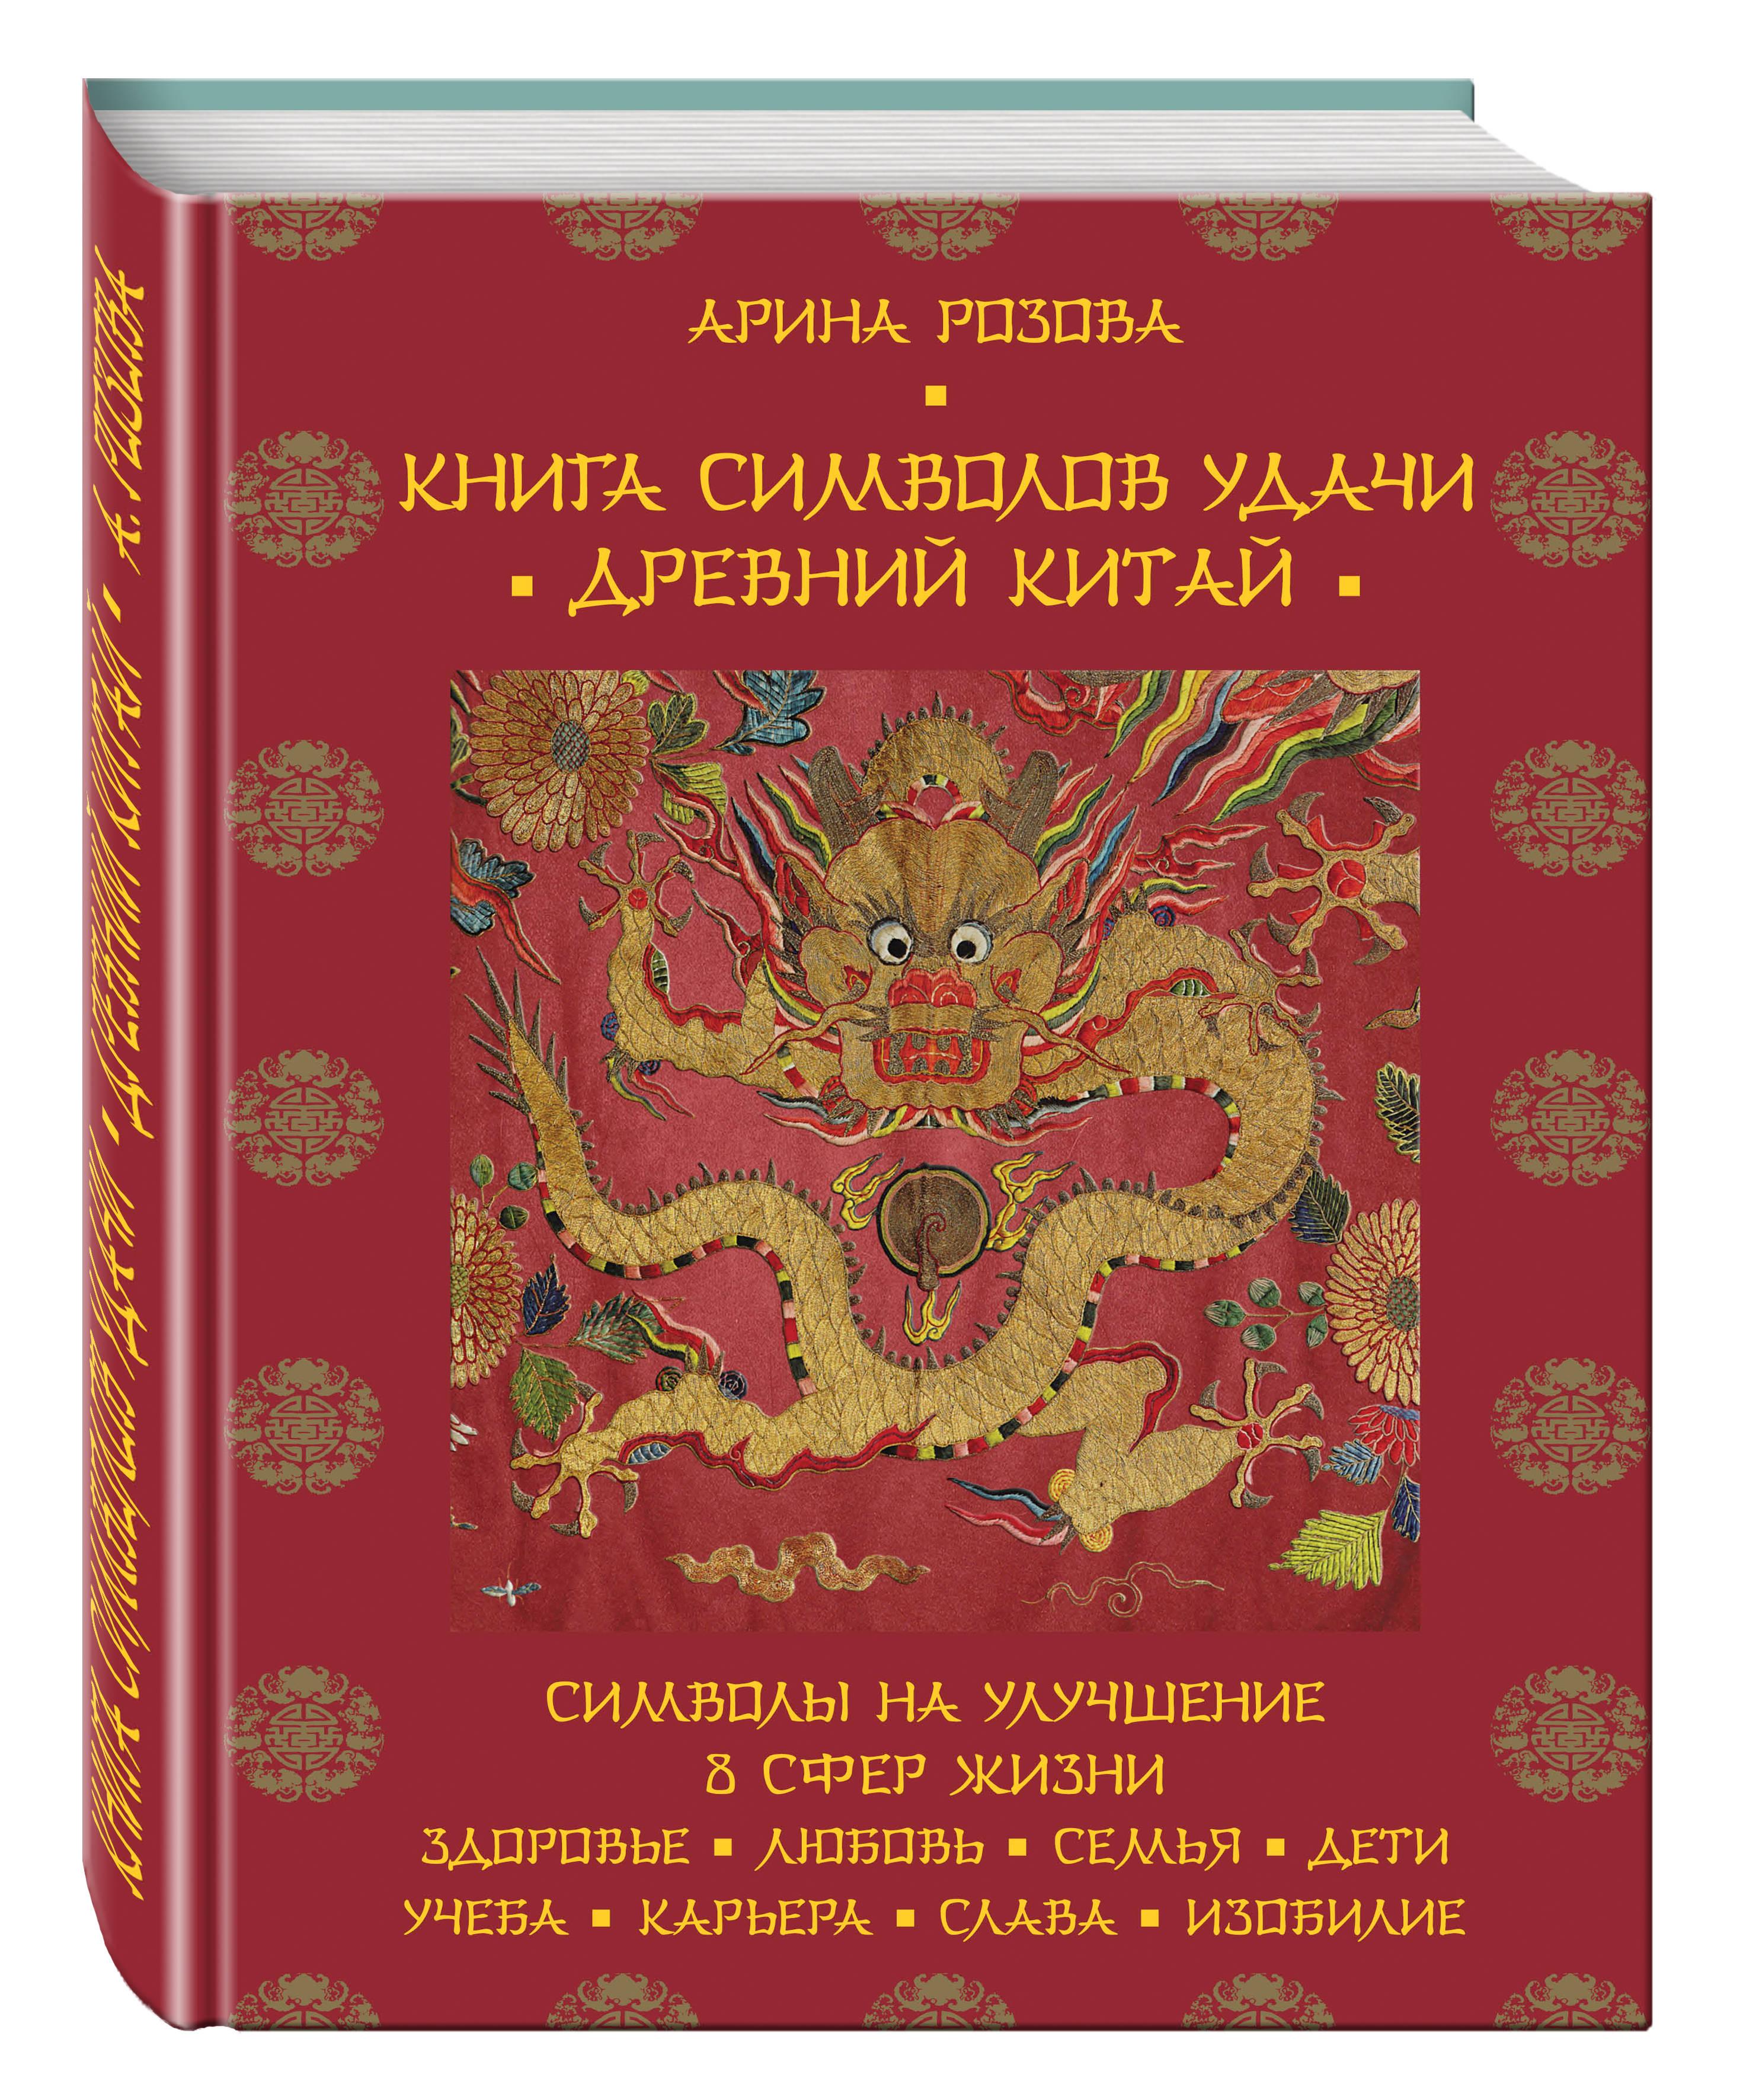 Арина Розова Книга символов удачи. Древний Китай матин и янтры защитные символы востока